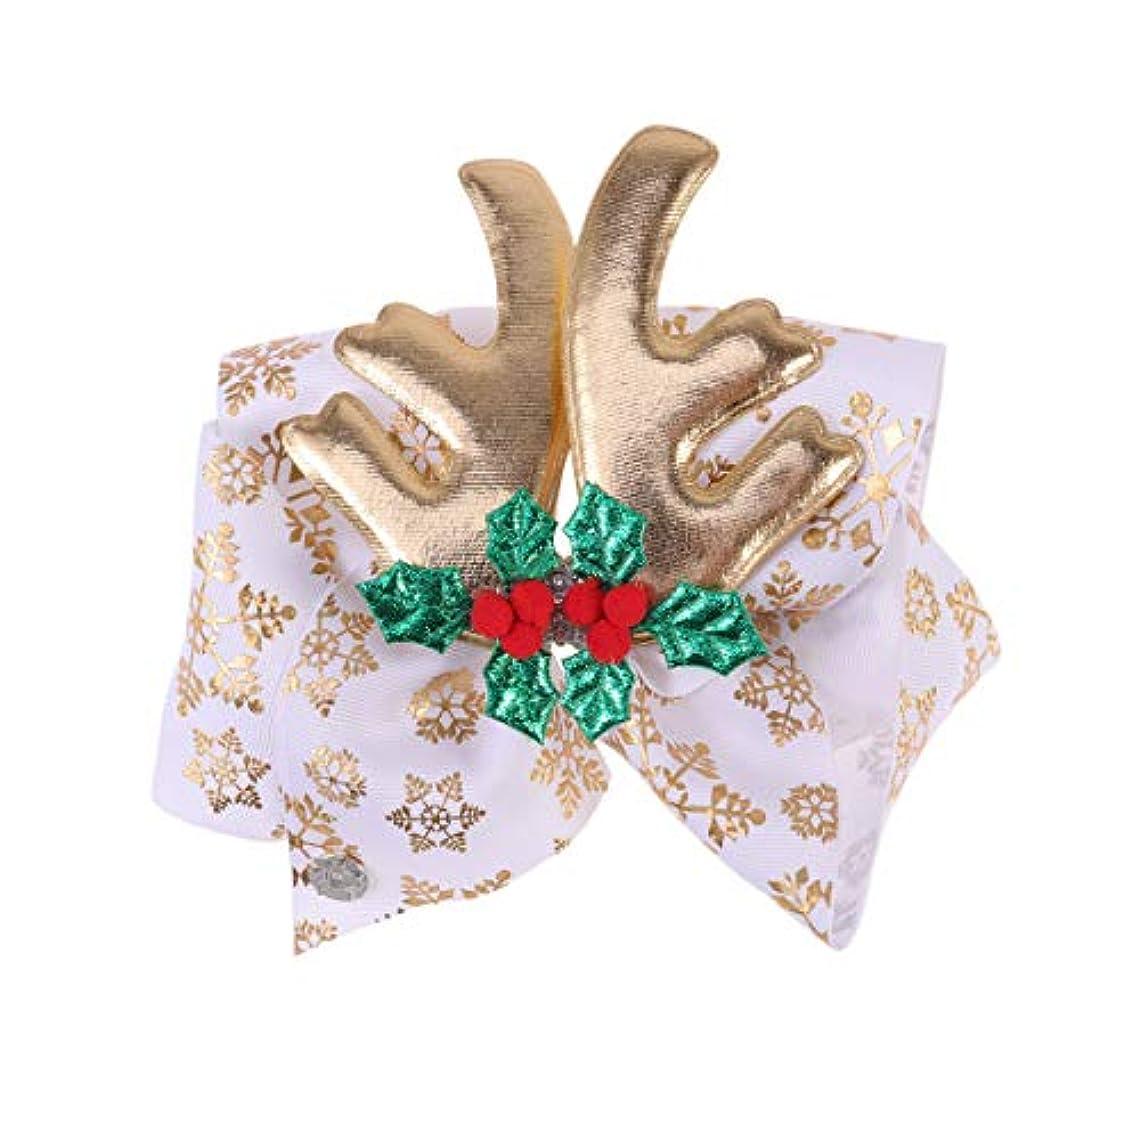 議論するカセットブートLurrose クリスマスの弓のヘアクリップ枝角ヘアピンクリスマスの日の子供の子供のためのダイヤモンドヘアアクセサリー